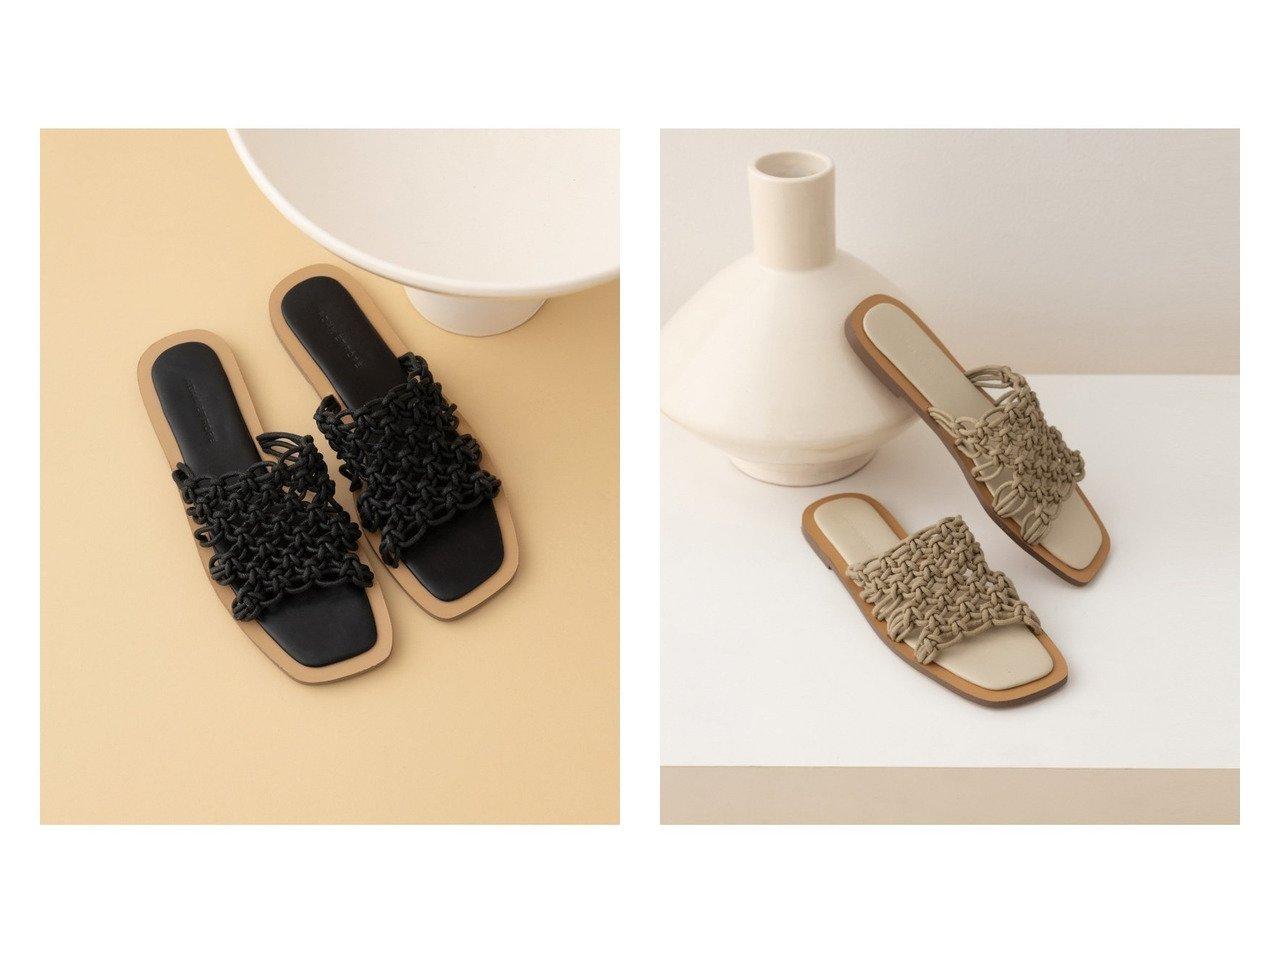 【ADAM ET ROPE'/アダム エ ロペ】のマクラメフラットサンダル 【シューズ・靴】おすすめ!人気、トレンド・レディースファッションの通販   おすすめで人気の流行・トレンド、ファッションの通販商品 インテリア・家具・メンズファッション・キッズファッション・レディースファッション・服の通販 founy(ファニー) https://founy.com/ ファッション Fashion レディースファッション WOMEN 2021年 2021 2021春夏・S/S SS/Spring/Summer/2021 S/S・春夏 SS・Spring/Summer おすすめ Recommend サンダル シューズ スクエア ネイル フラット ベーシック ミュール リネン 夏 Summer 手編み 春 Spring |ID:crp329100000050472